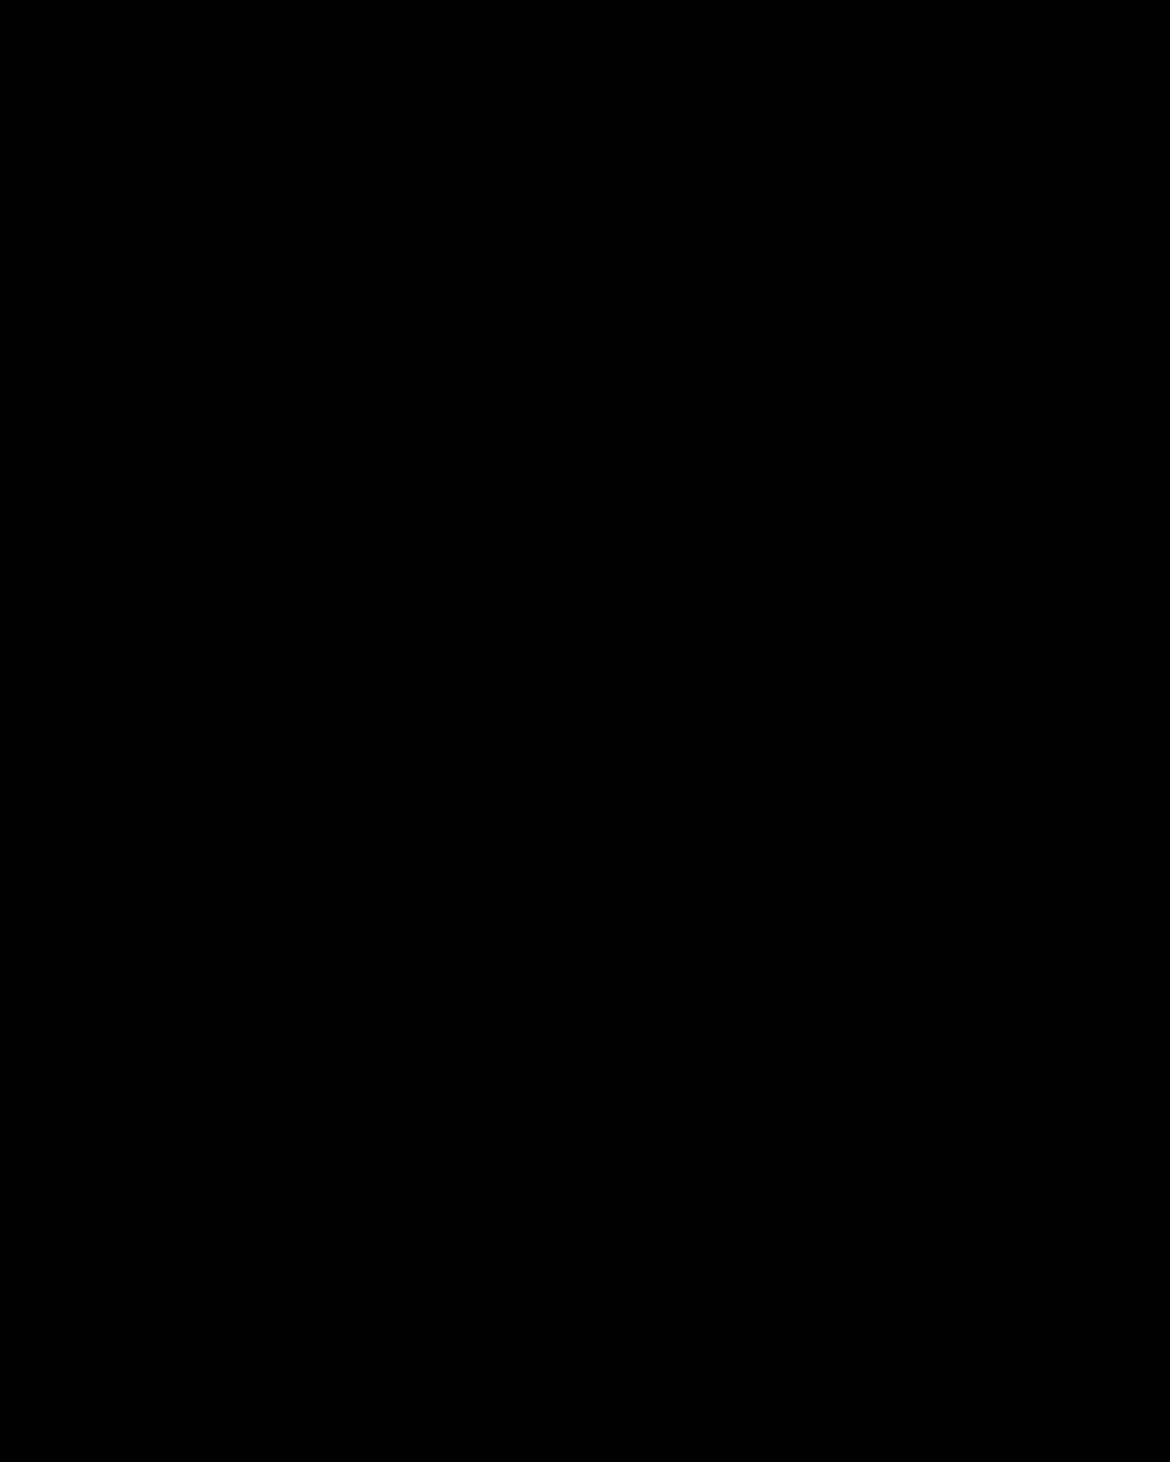 Viaggio in Oman: Cosa vedere in 5 giorni by Laura Comolli - Nizqwa souq